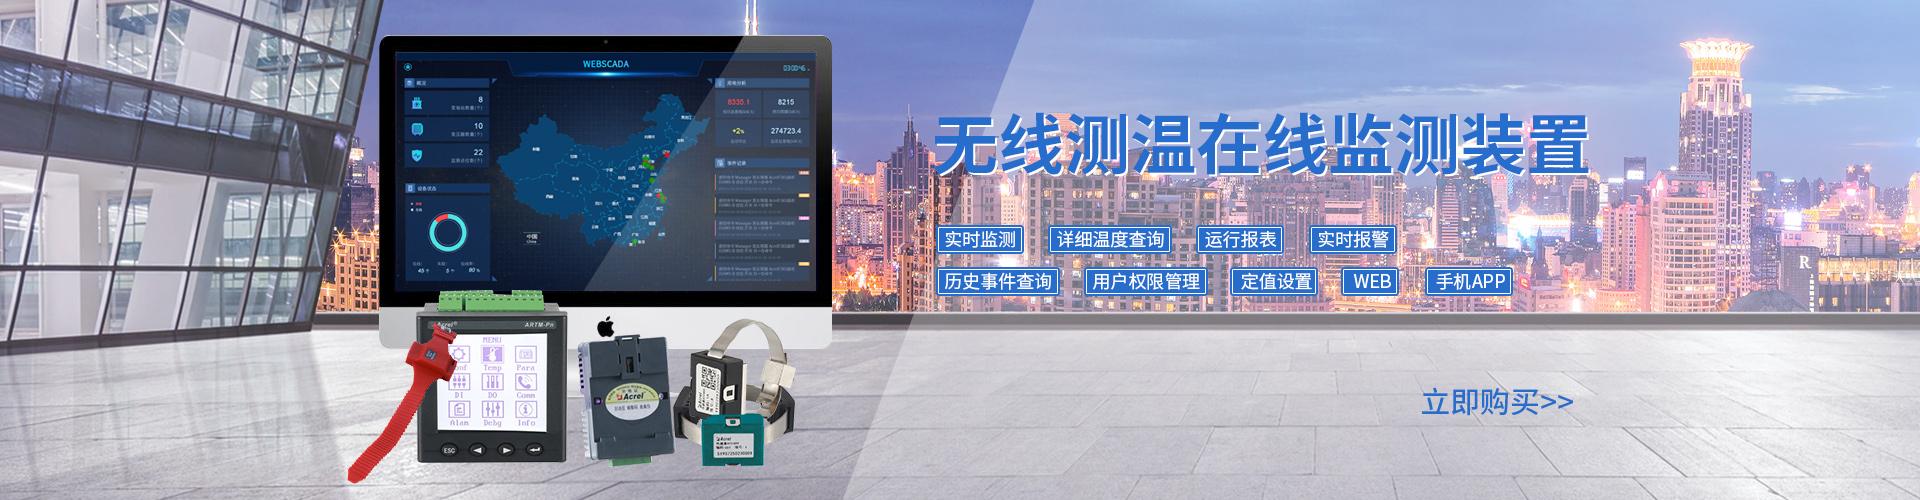 安科瑞电子商务(上海)有限公司